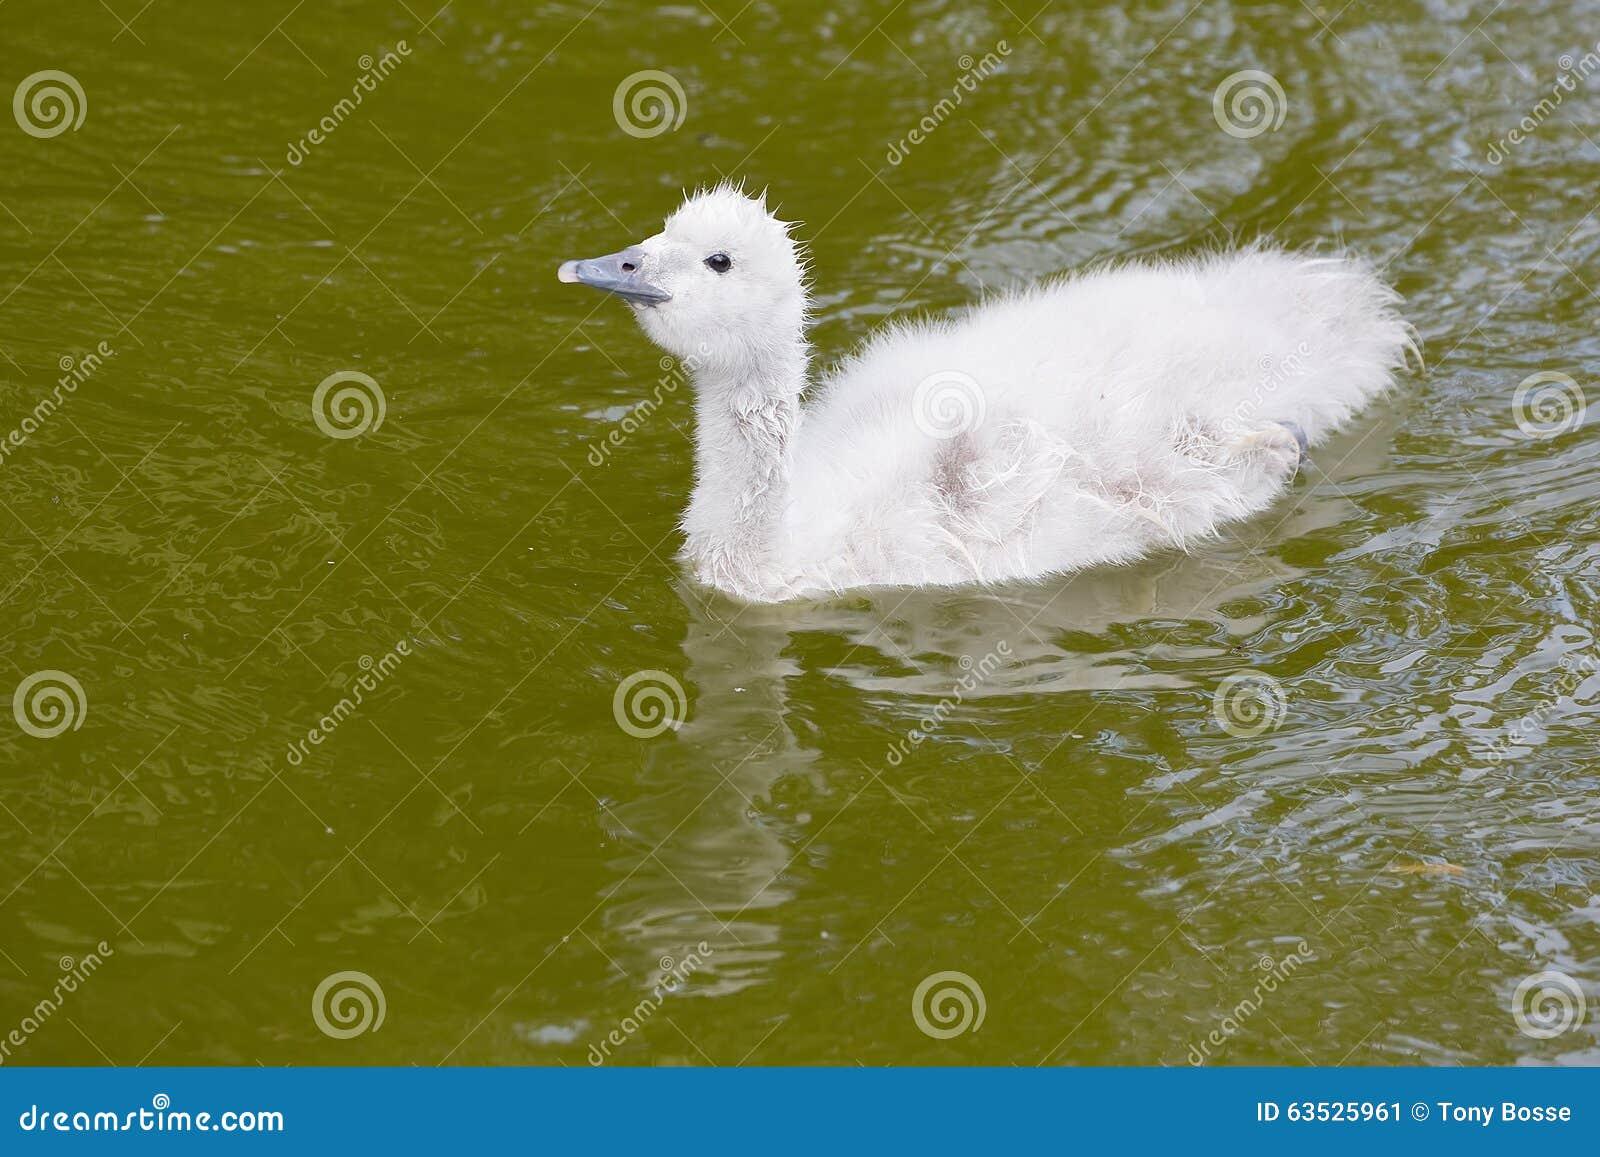 黑收缩的天鹅小鸡游泳